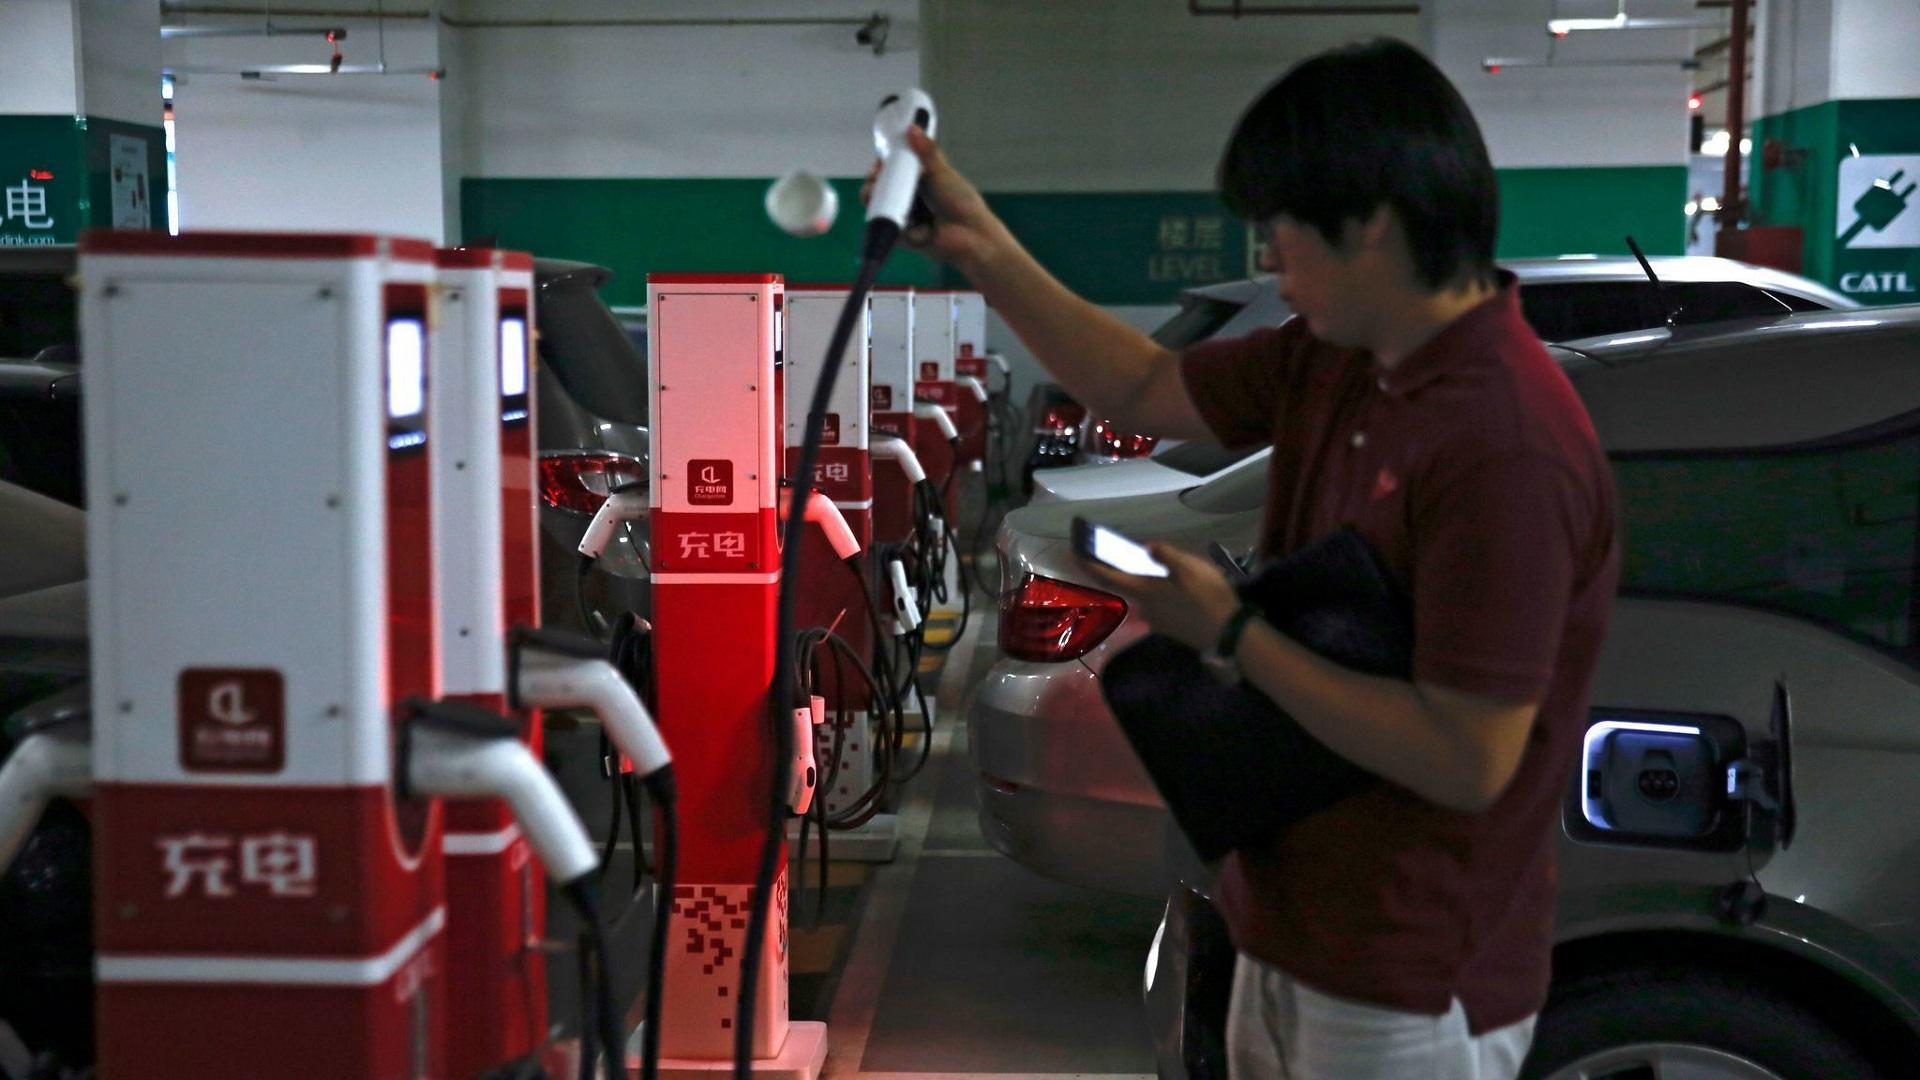 Правительство Китая собирается запретить машины, работающие на дизельном топливе и бензине